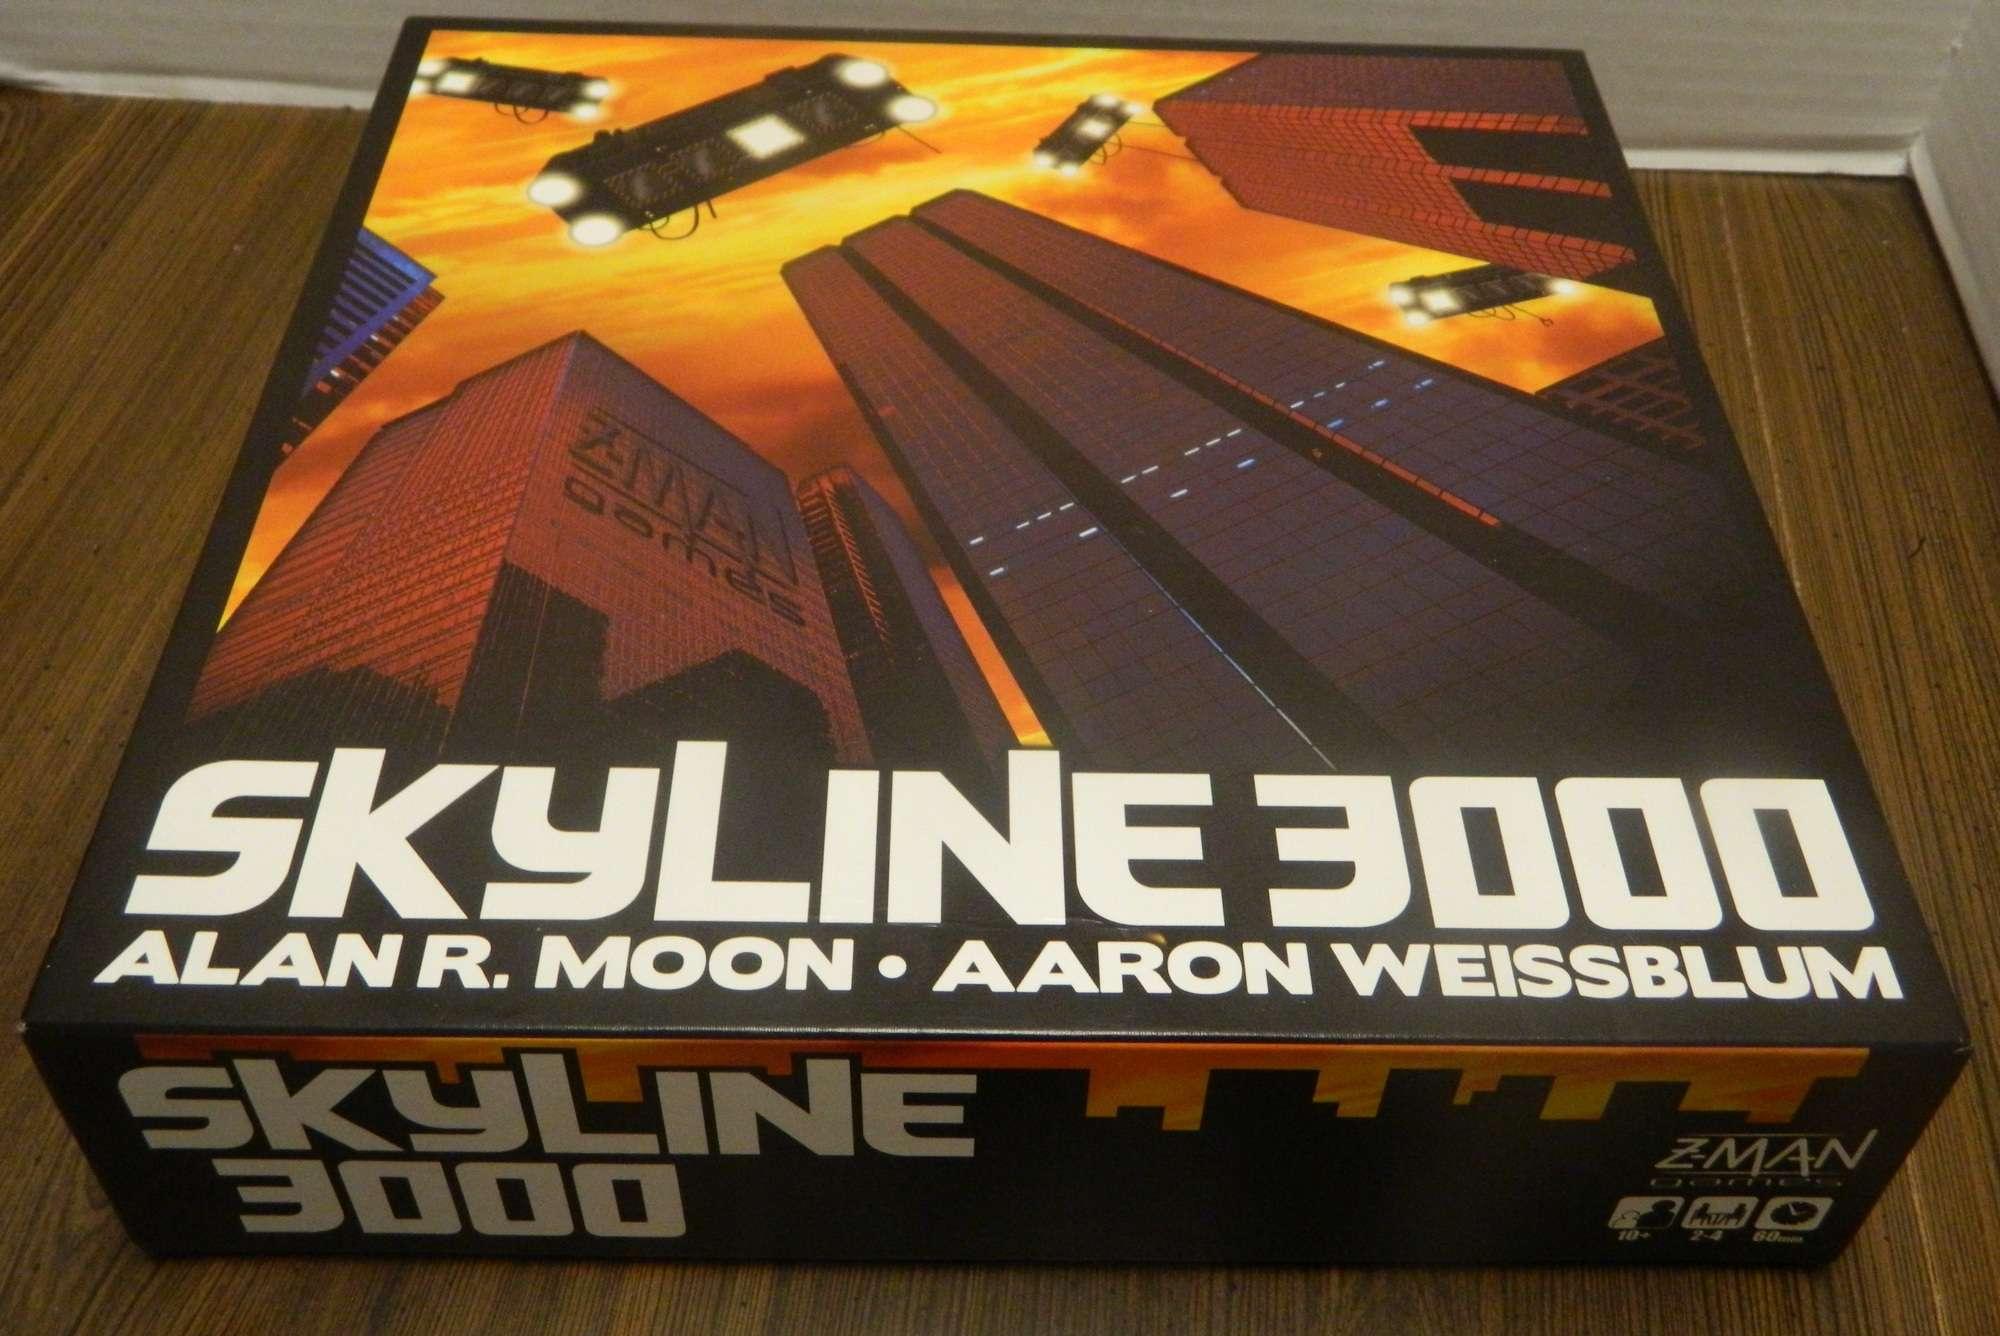 Skyline 3000 Box